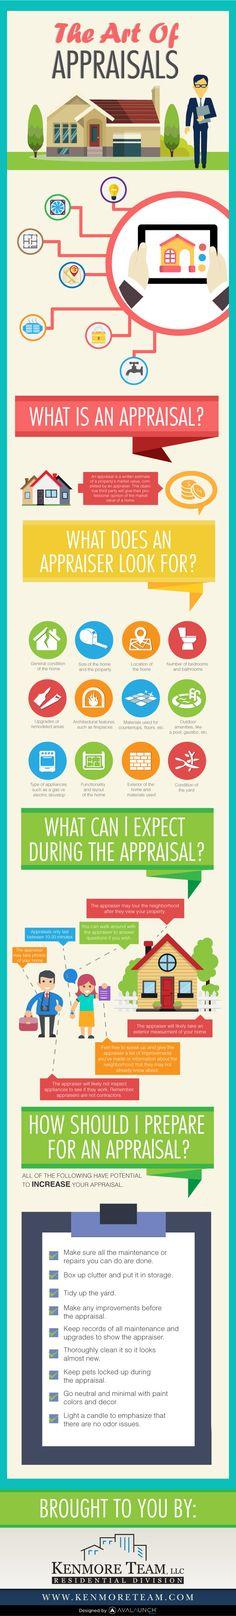 The Art Of Appraisals